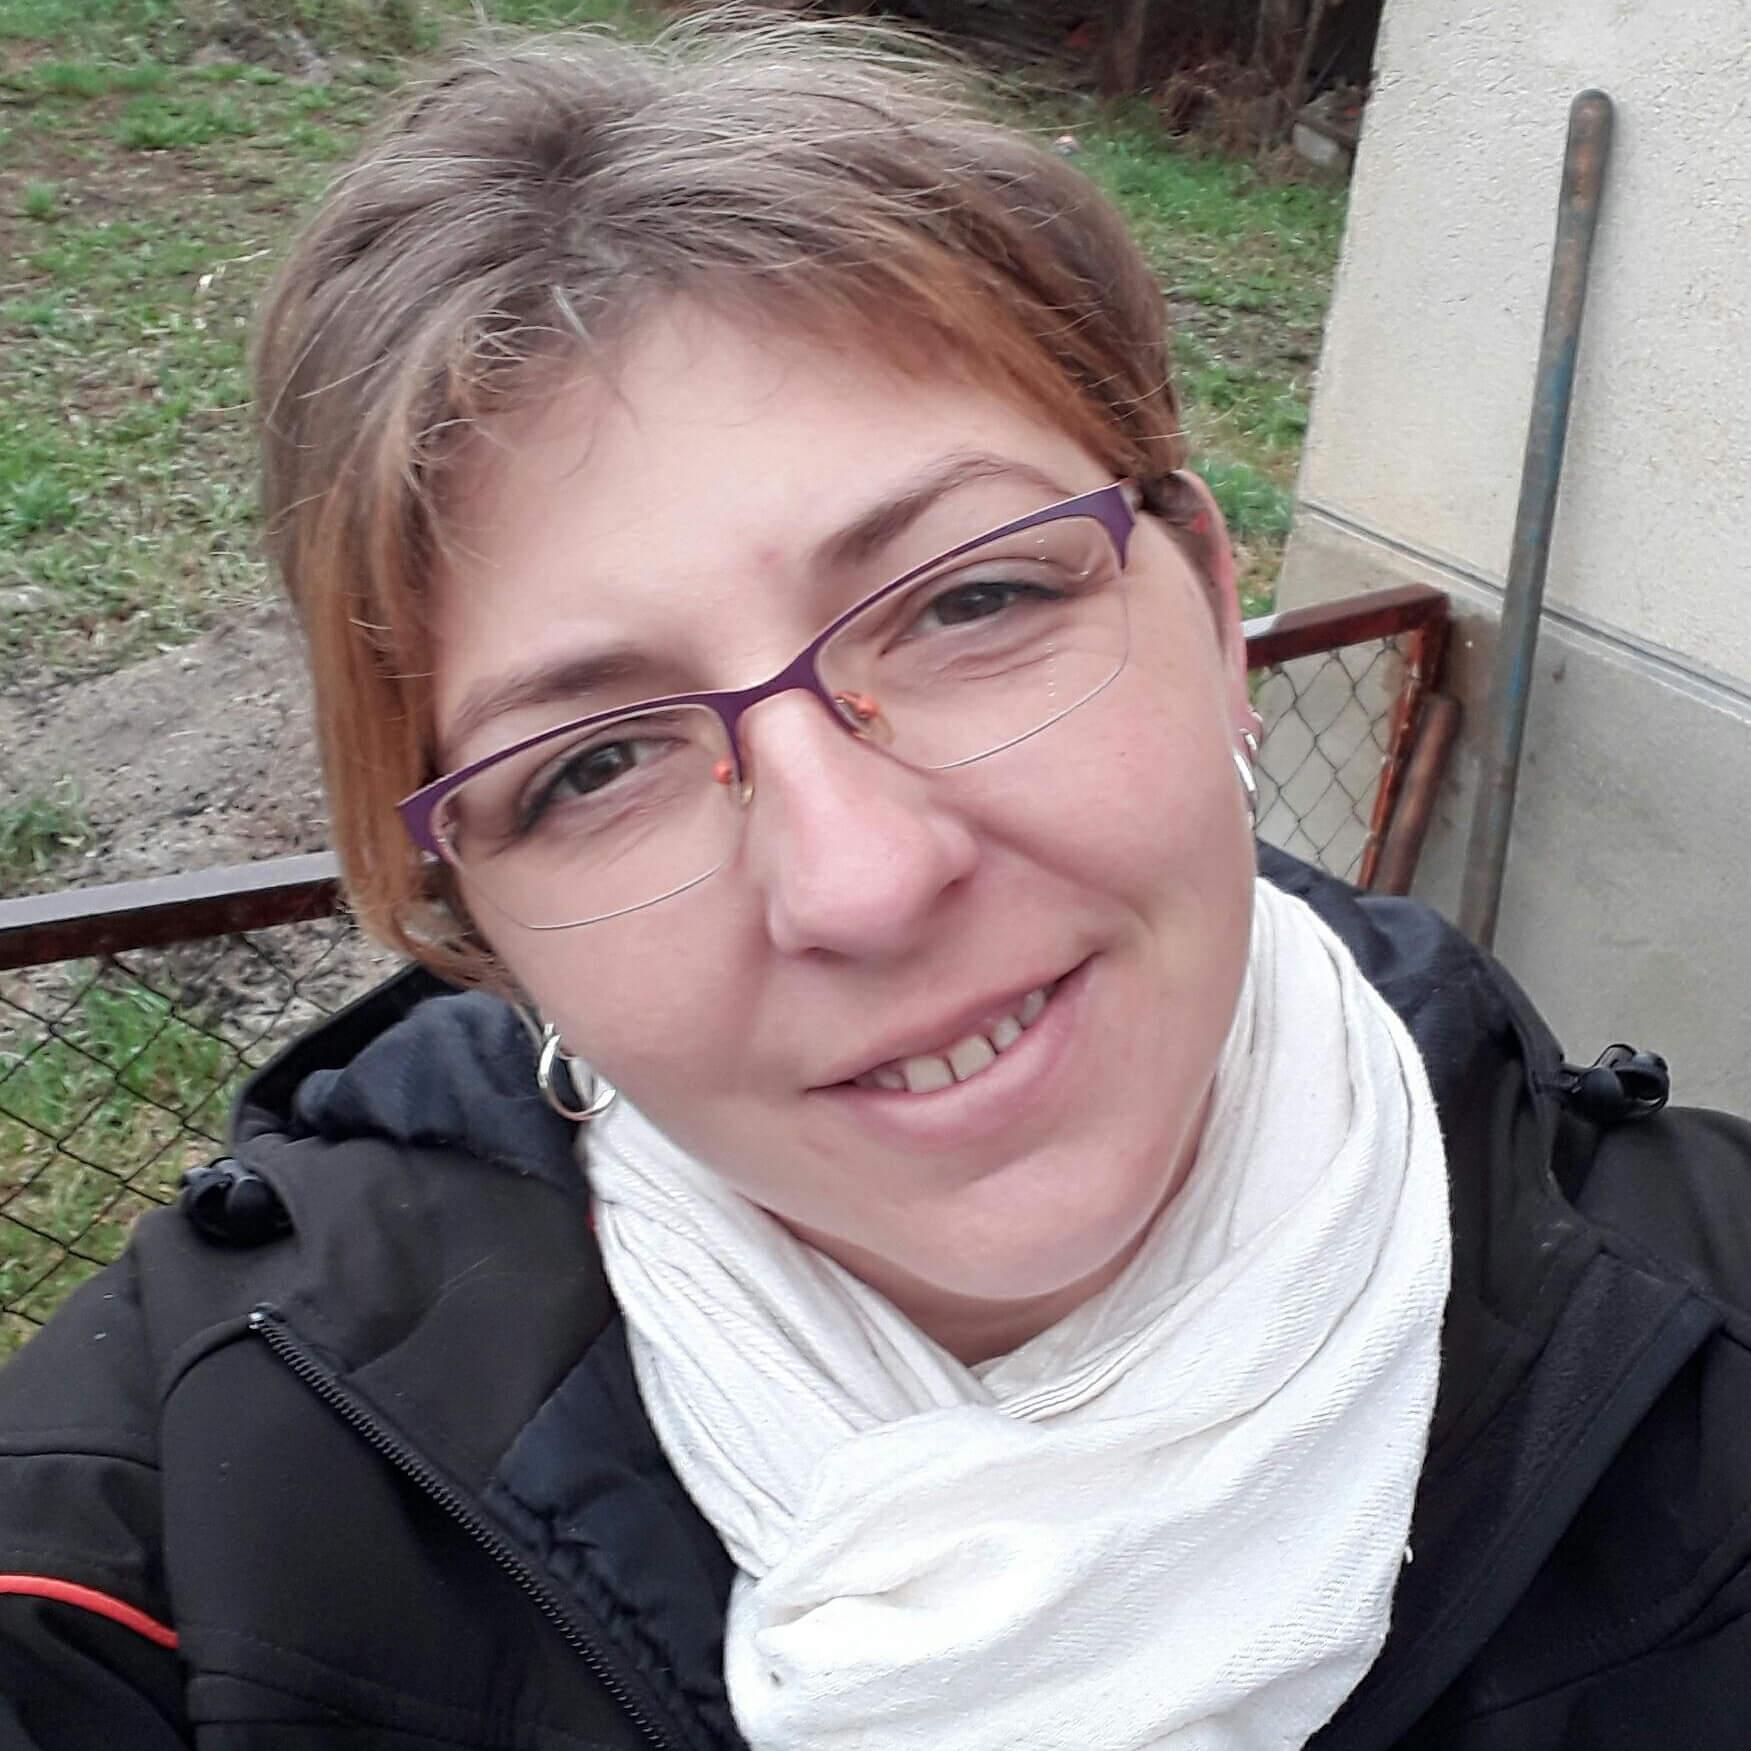 notre chroniqueuse de charme spécialisée en new romance : Nad !